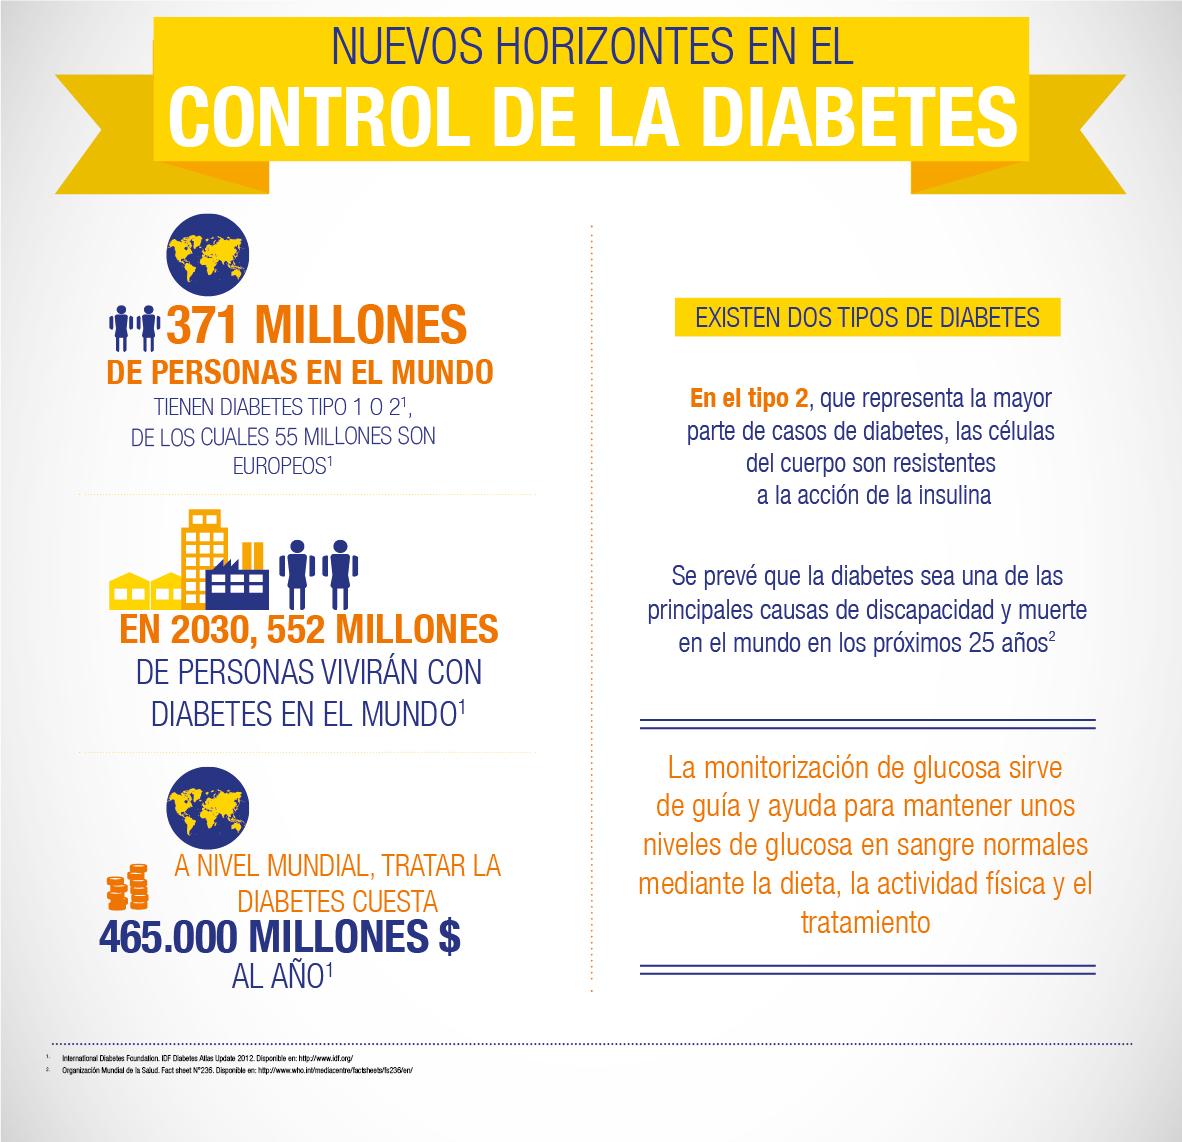 ¿Con qué se trata la diabetes tipo 1?